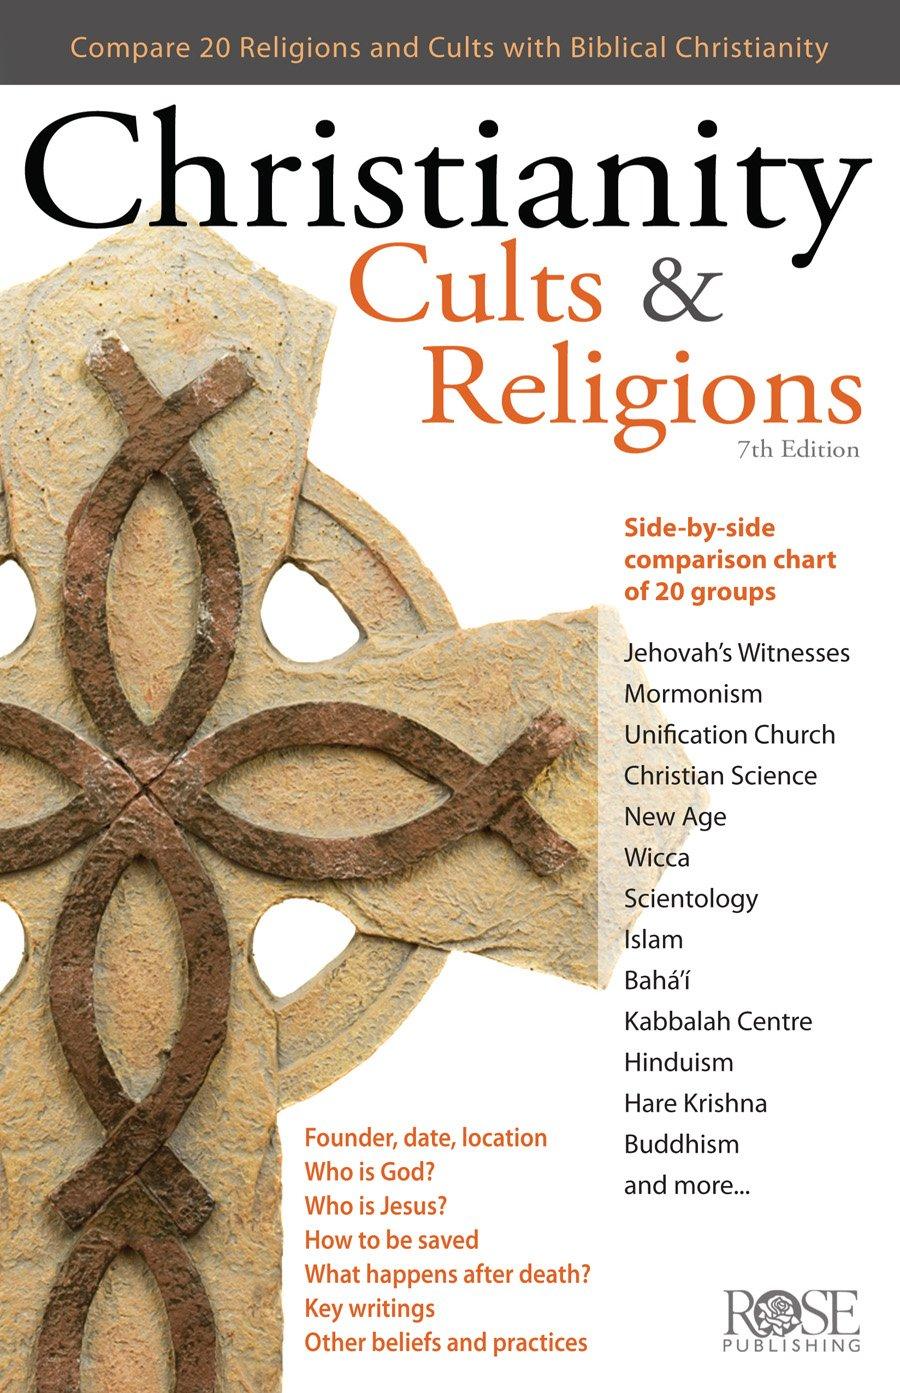 Christianity cults religions rose publishing paul carden christianity cults religions rose publishing paul carden 9789901981403 amazon books buycottarizona Choice Image